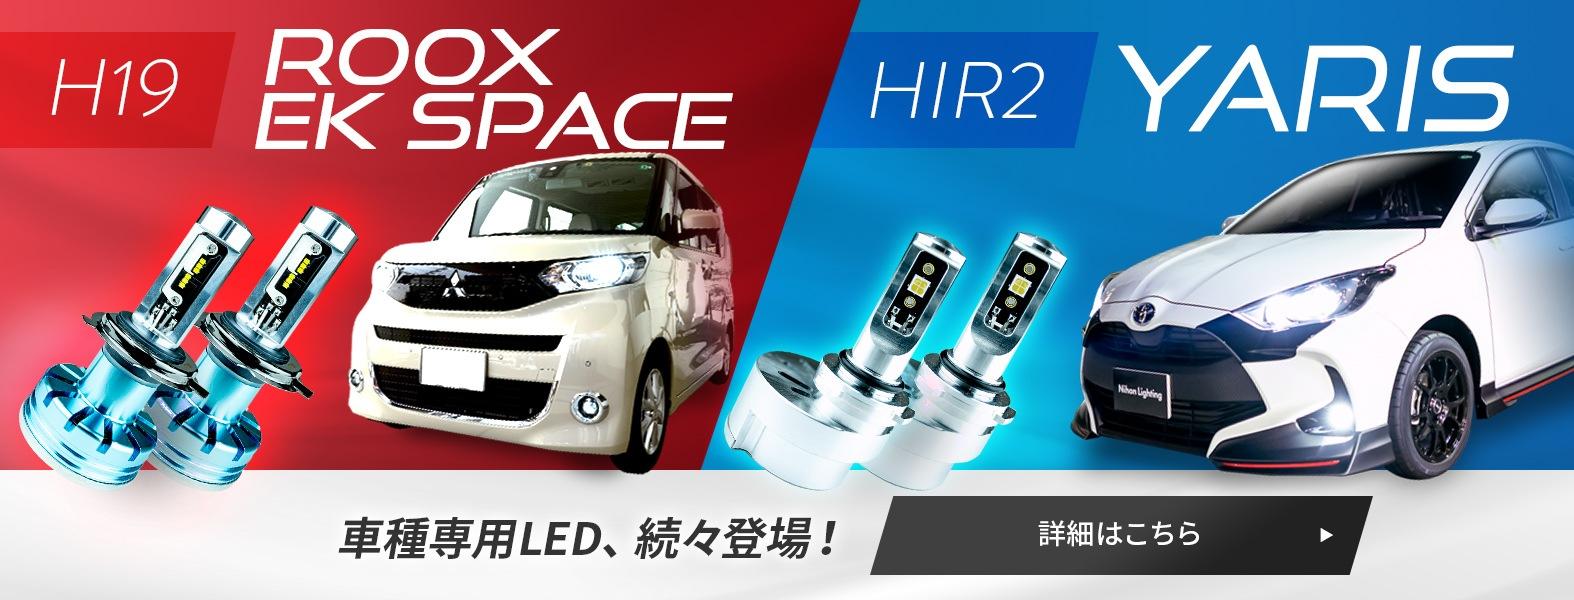 ヤリス専用・ルークス/ekスペース専用LEDヘッドライト